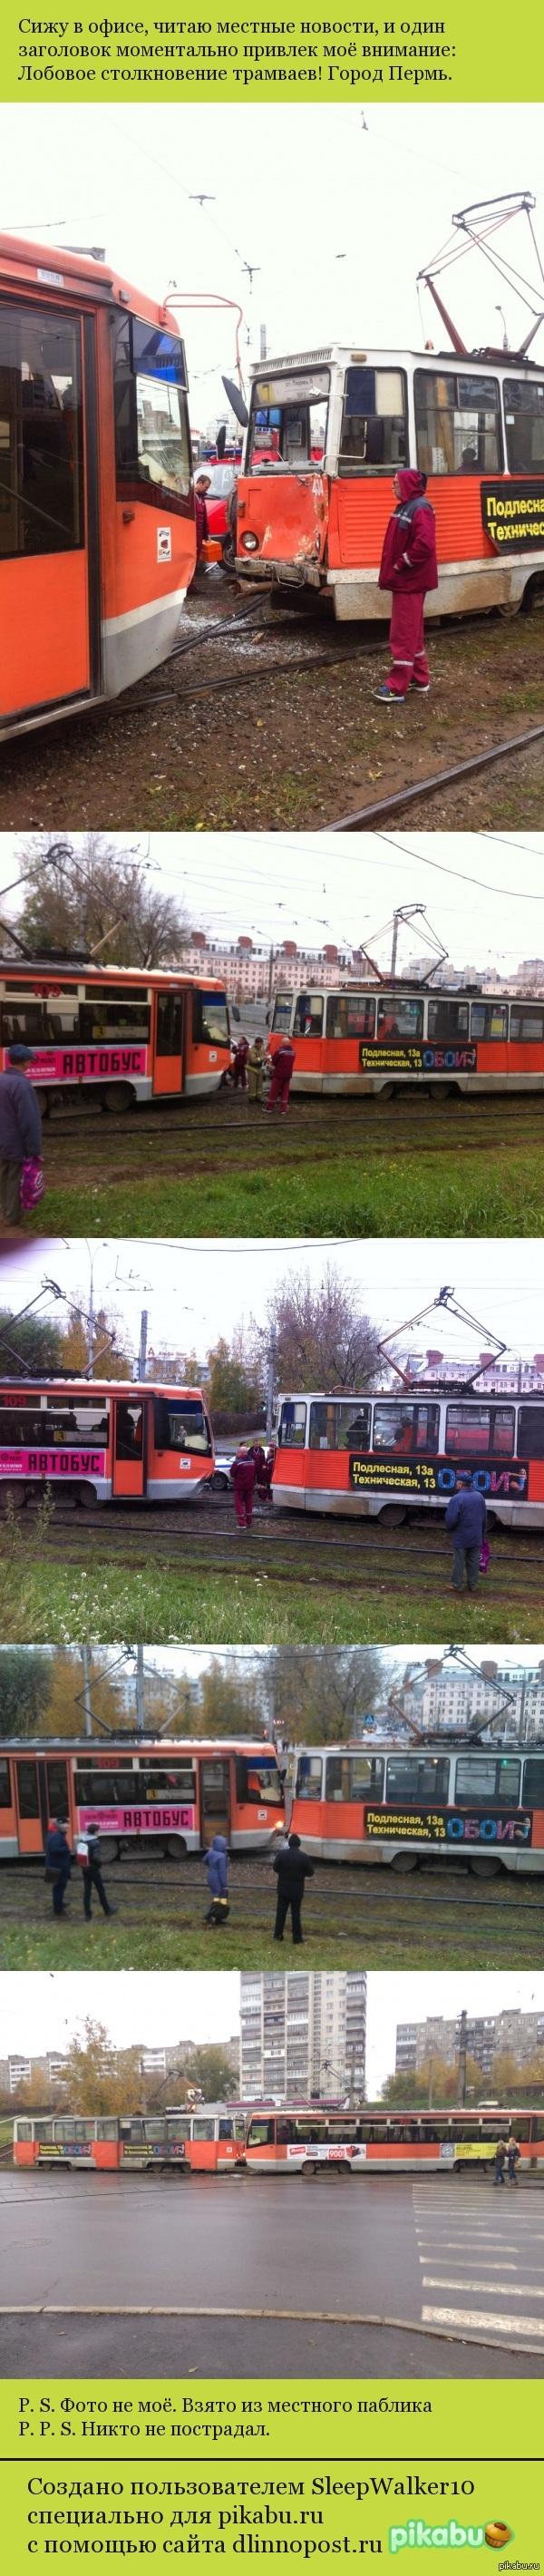 Лобовое столкновение... трамваев